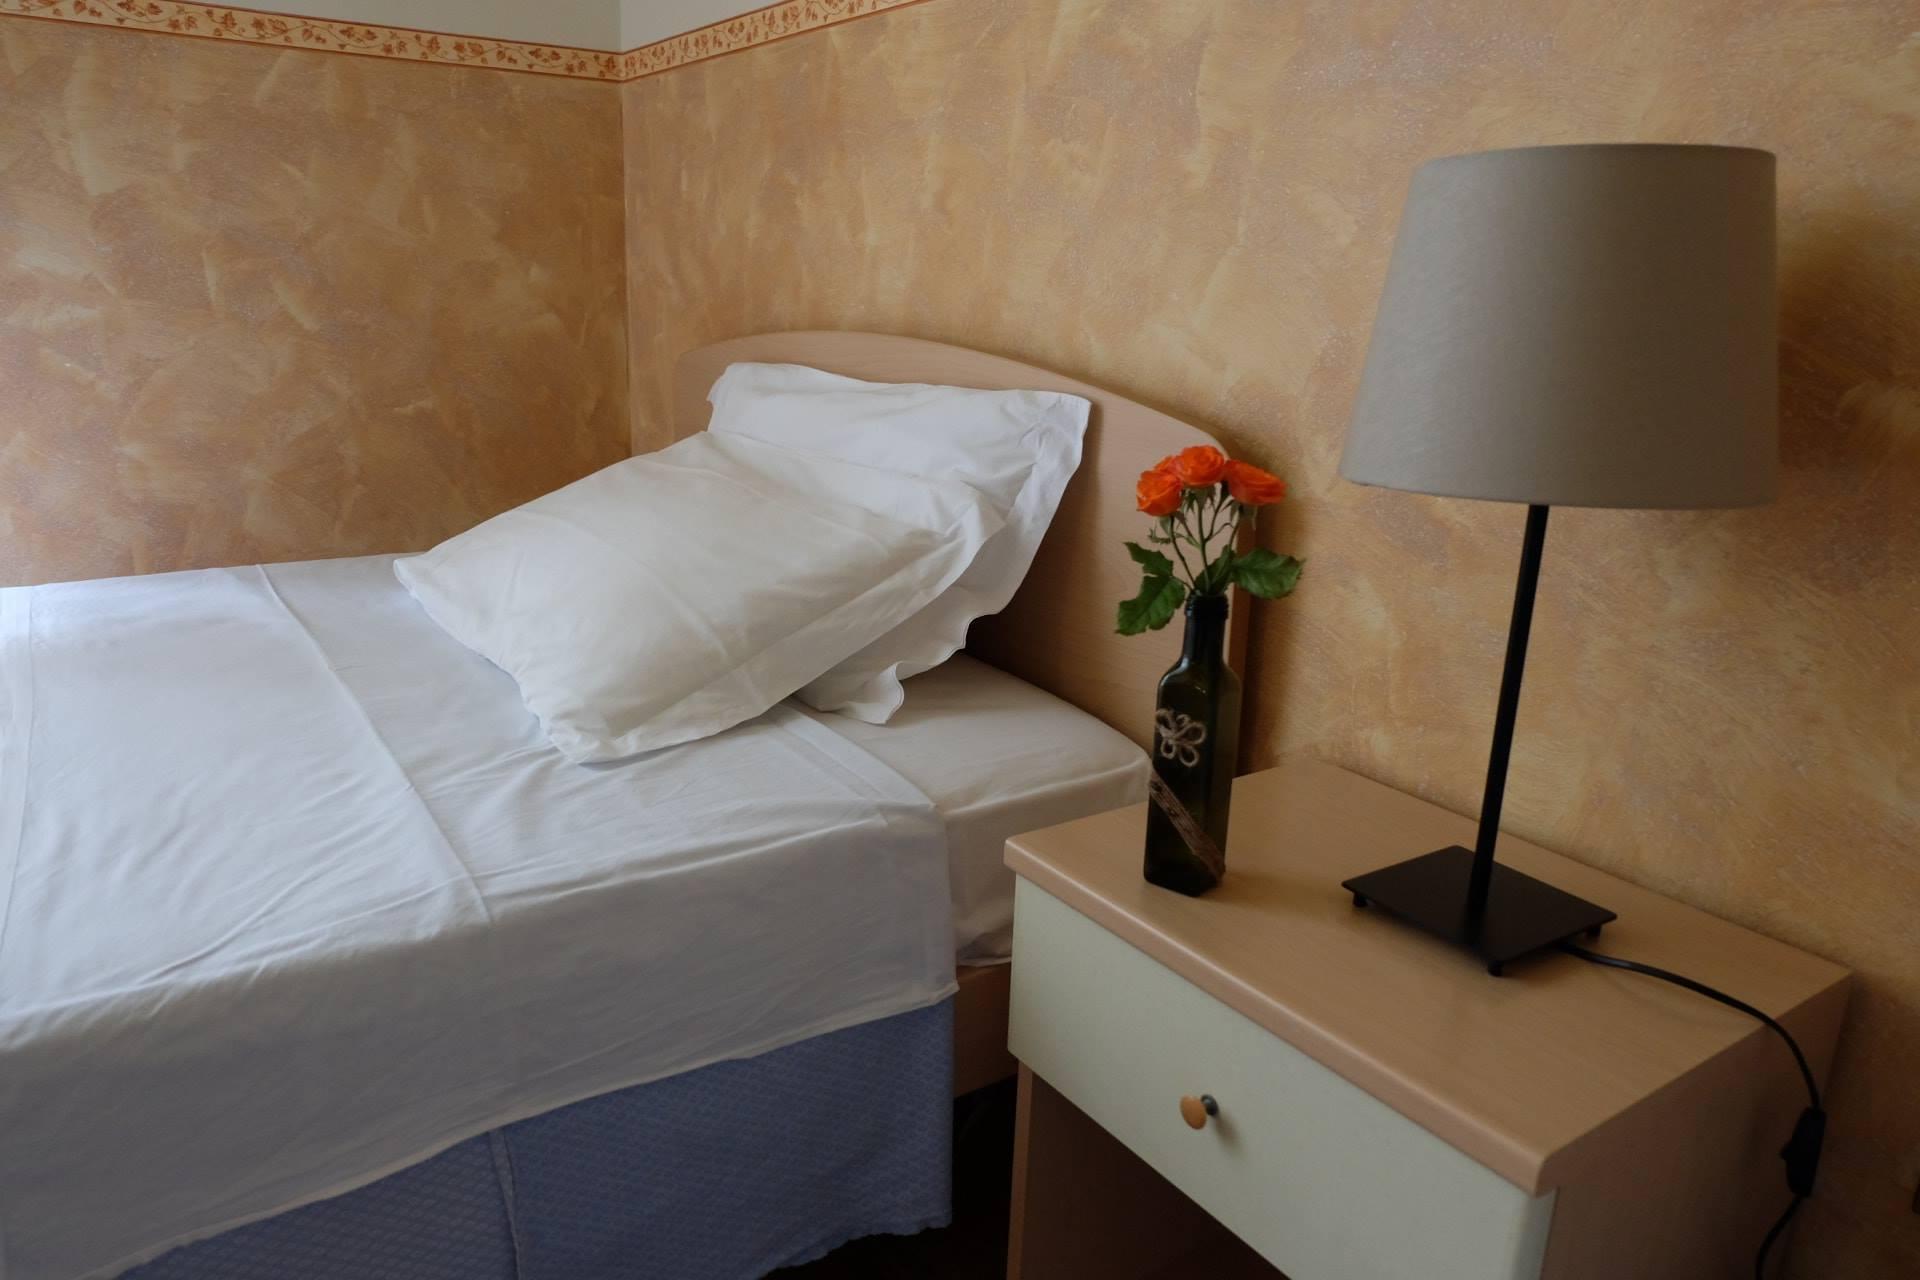 galleria foto camere hostel il tetto melfi ostello dormire soggiorno vacanze basilicata14